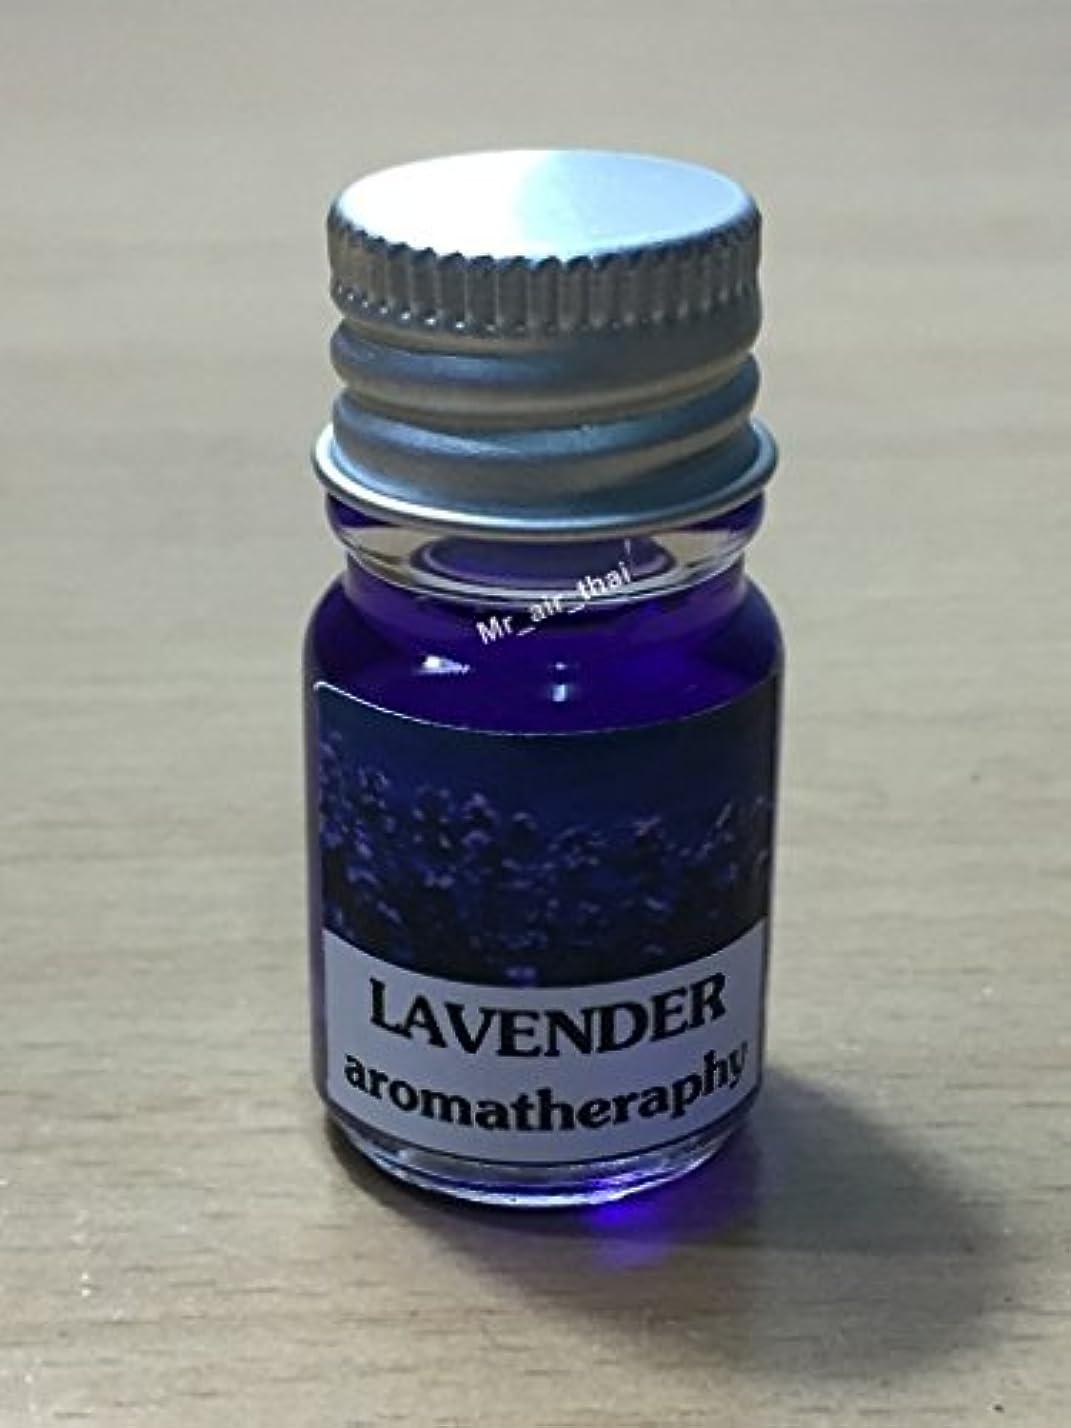 シロナガスクジラできる前投薬5ミリリットルアロマラベンダーフランクインセンスエッセンシャルオイルボトルアロマテラピーオイル自然自然5ml Aroma Lavender Frankincense Essential Oil Bottles Aromatherapy Oils natural nature